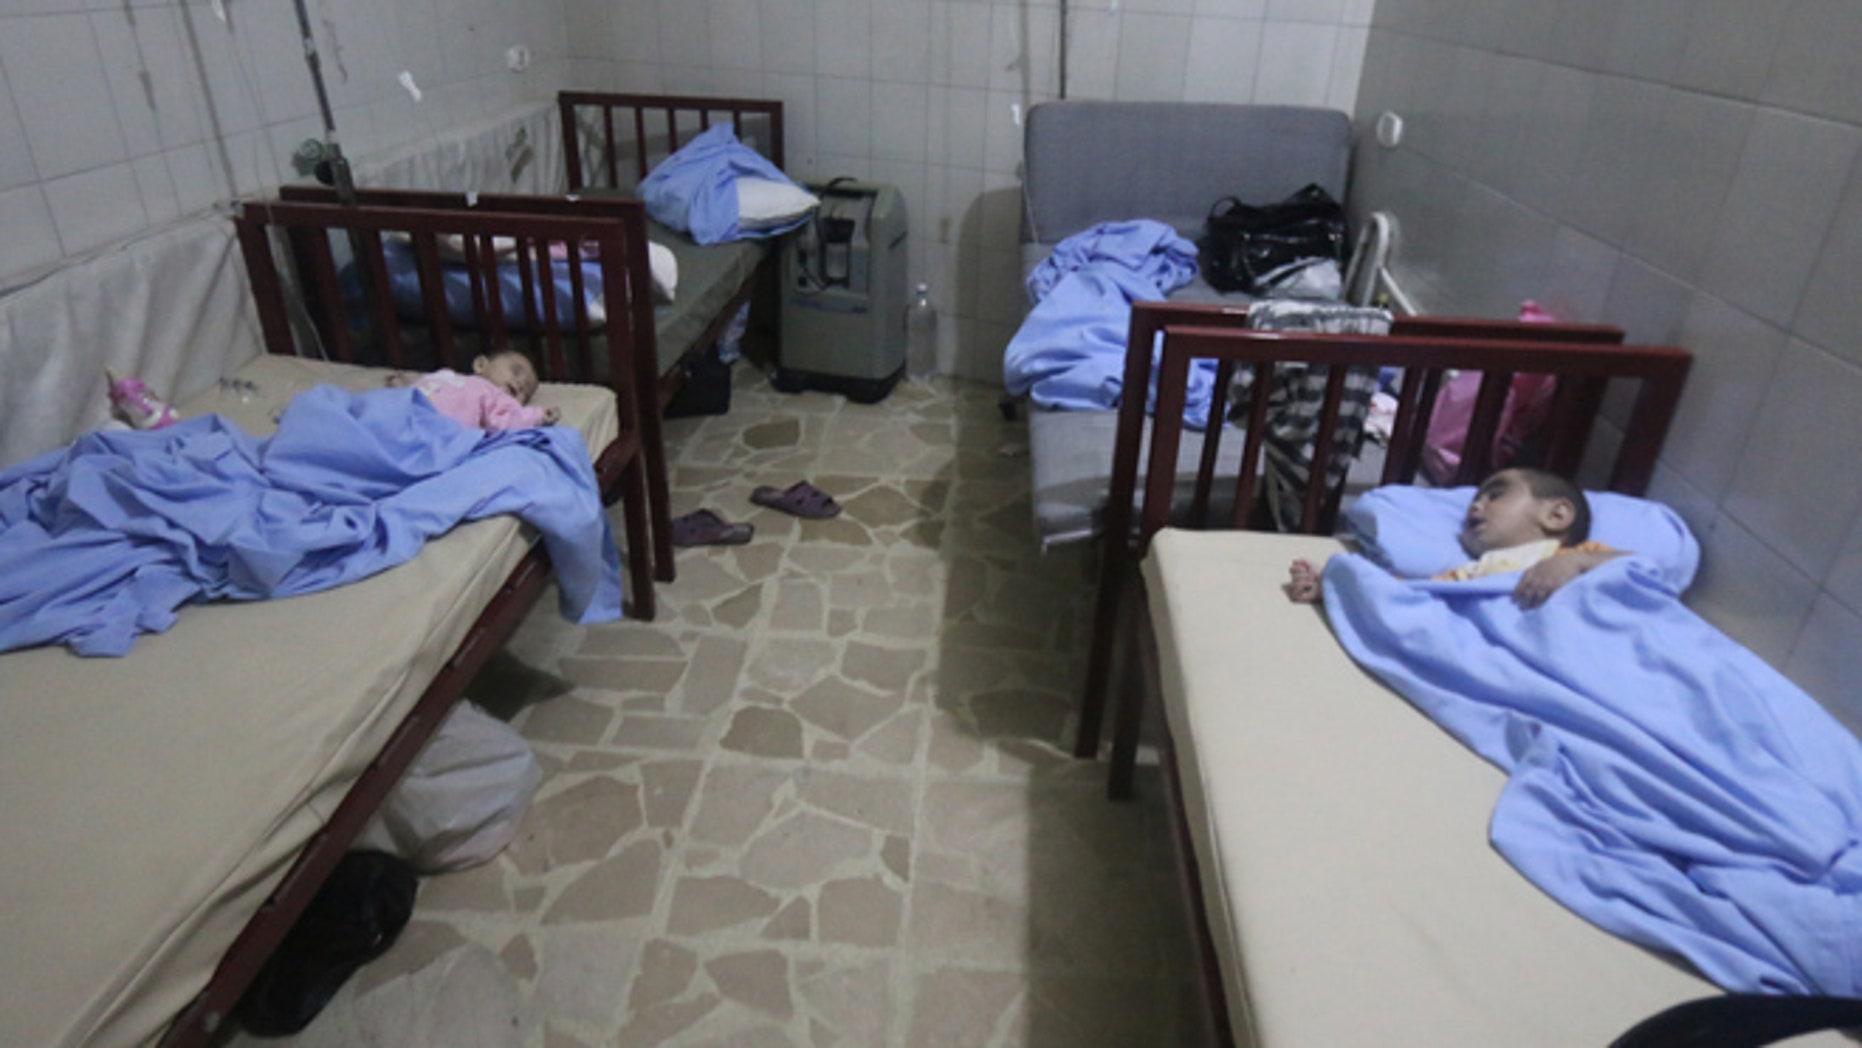 Babies seen in Aleppo